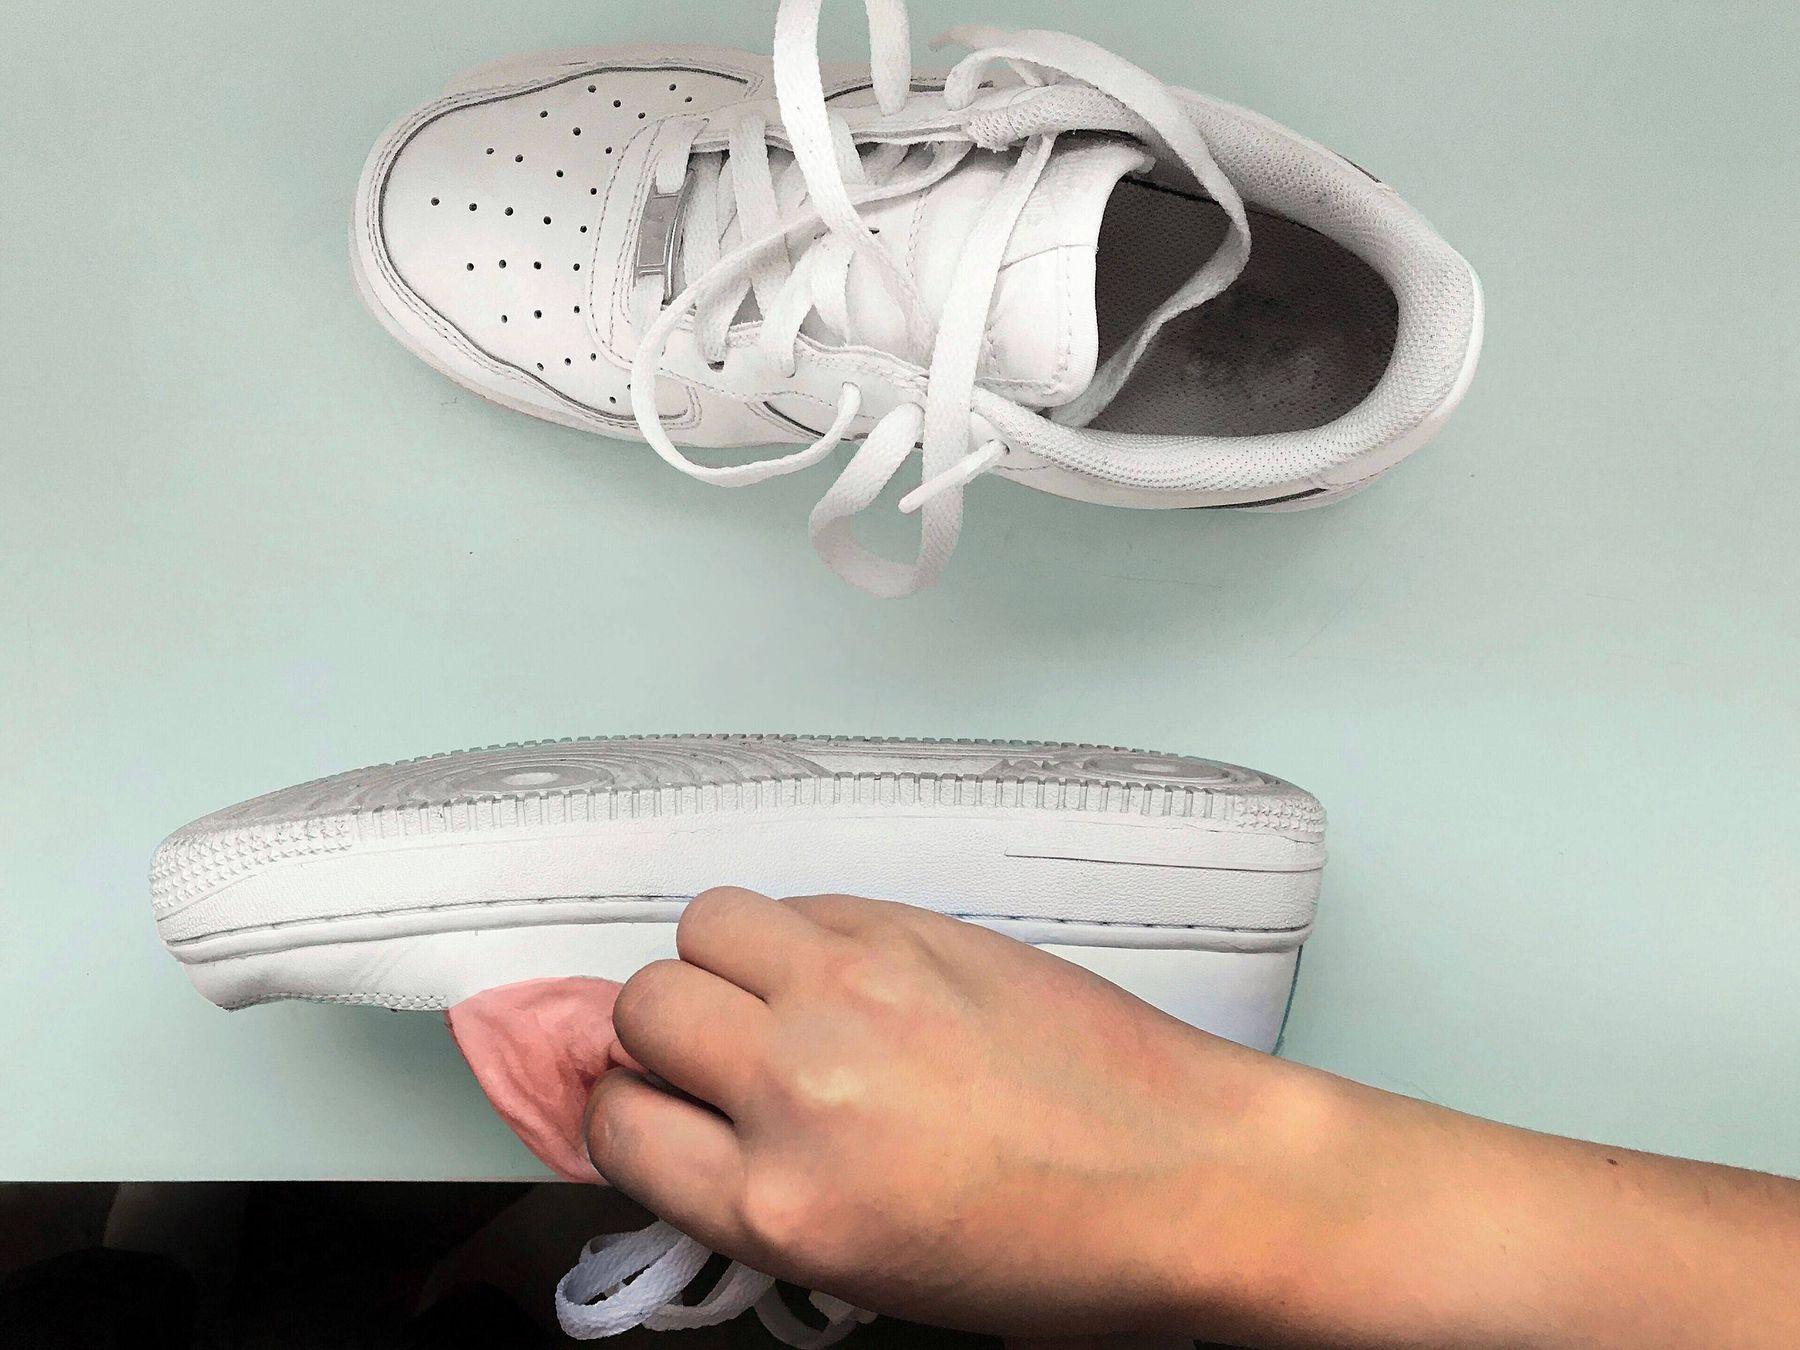 sử dụng dung dịch nước rửa chén và xà phòng để vệ sinh giày